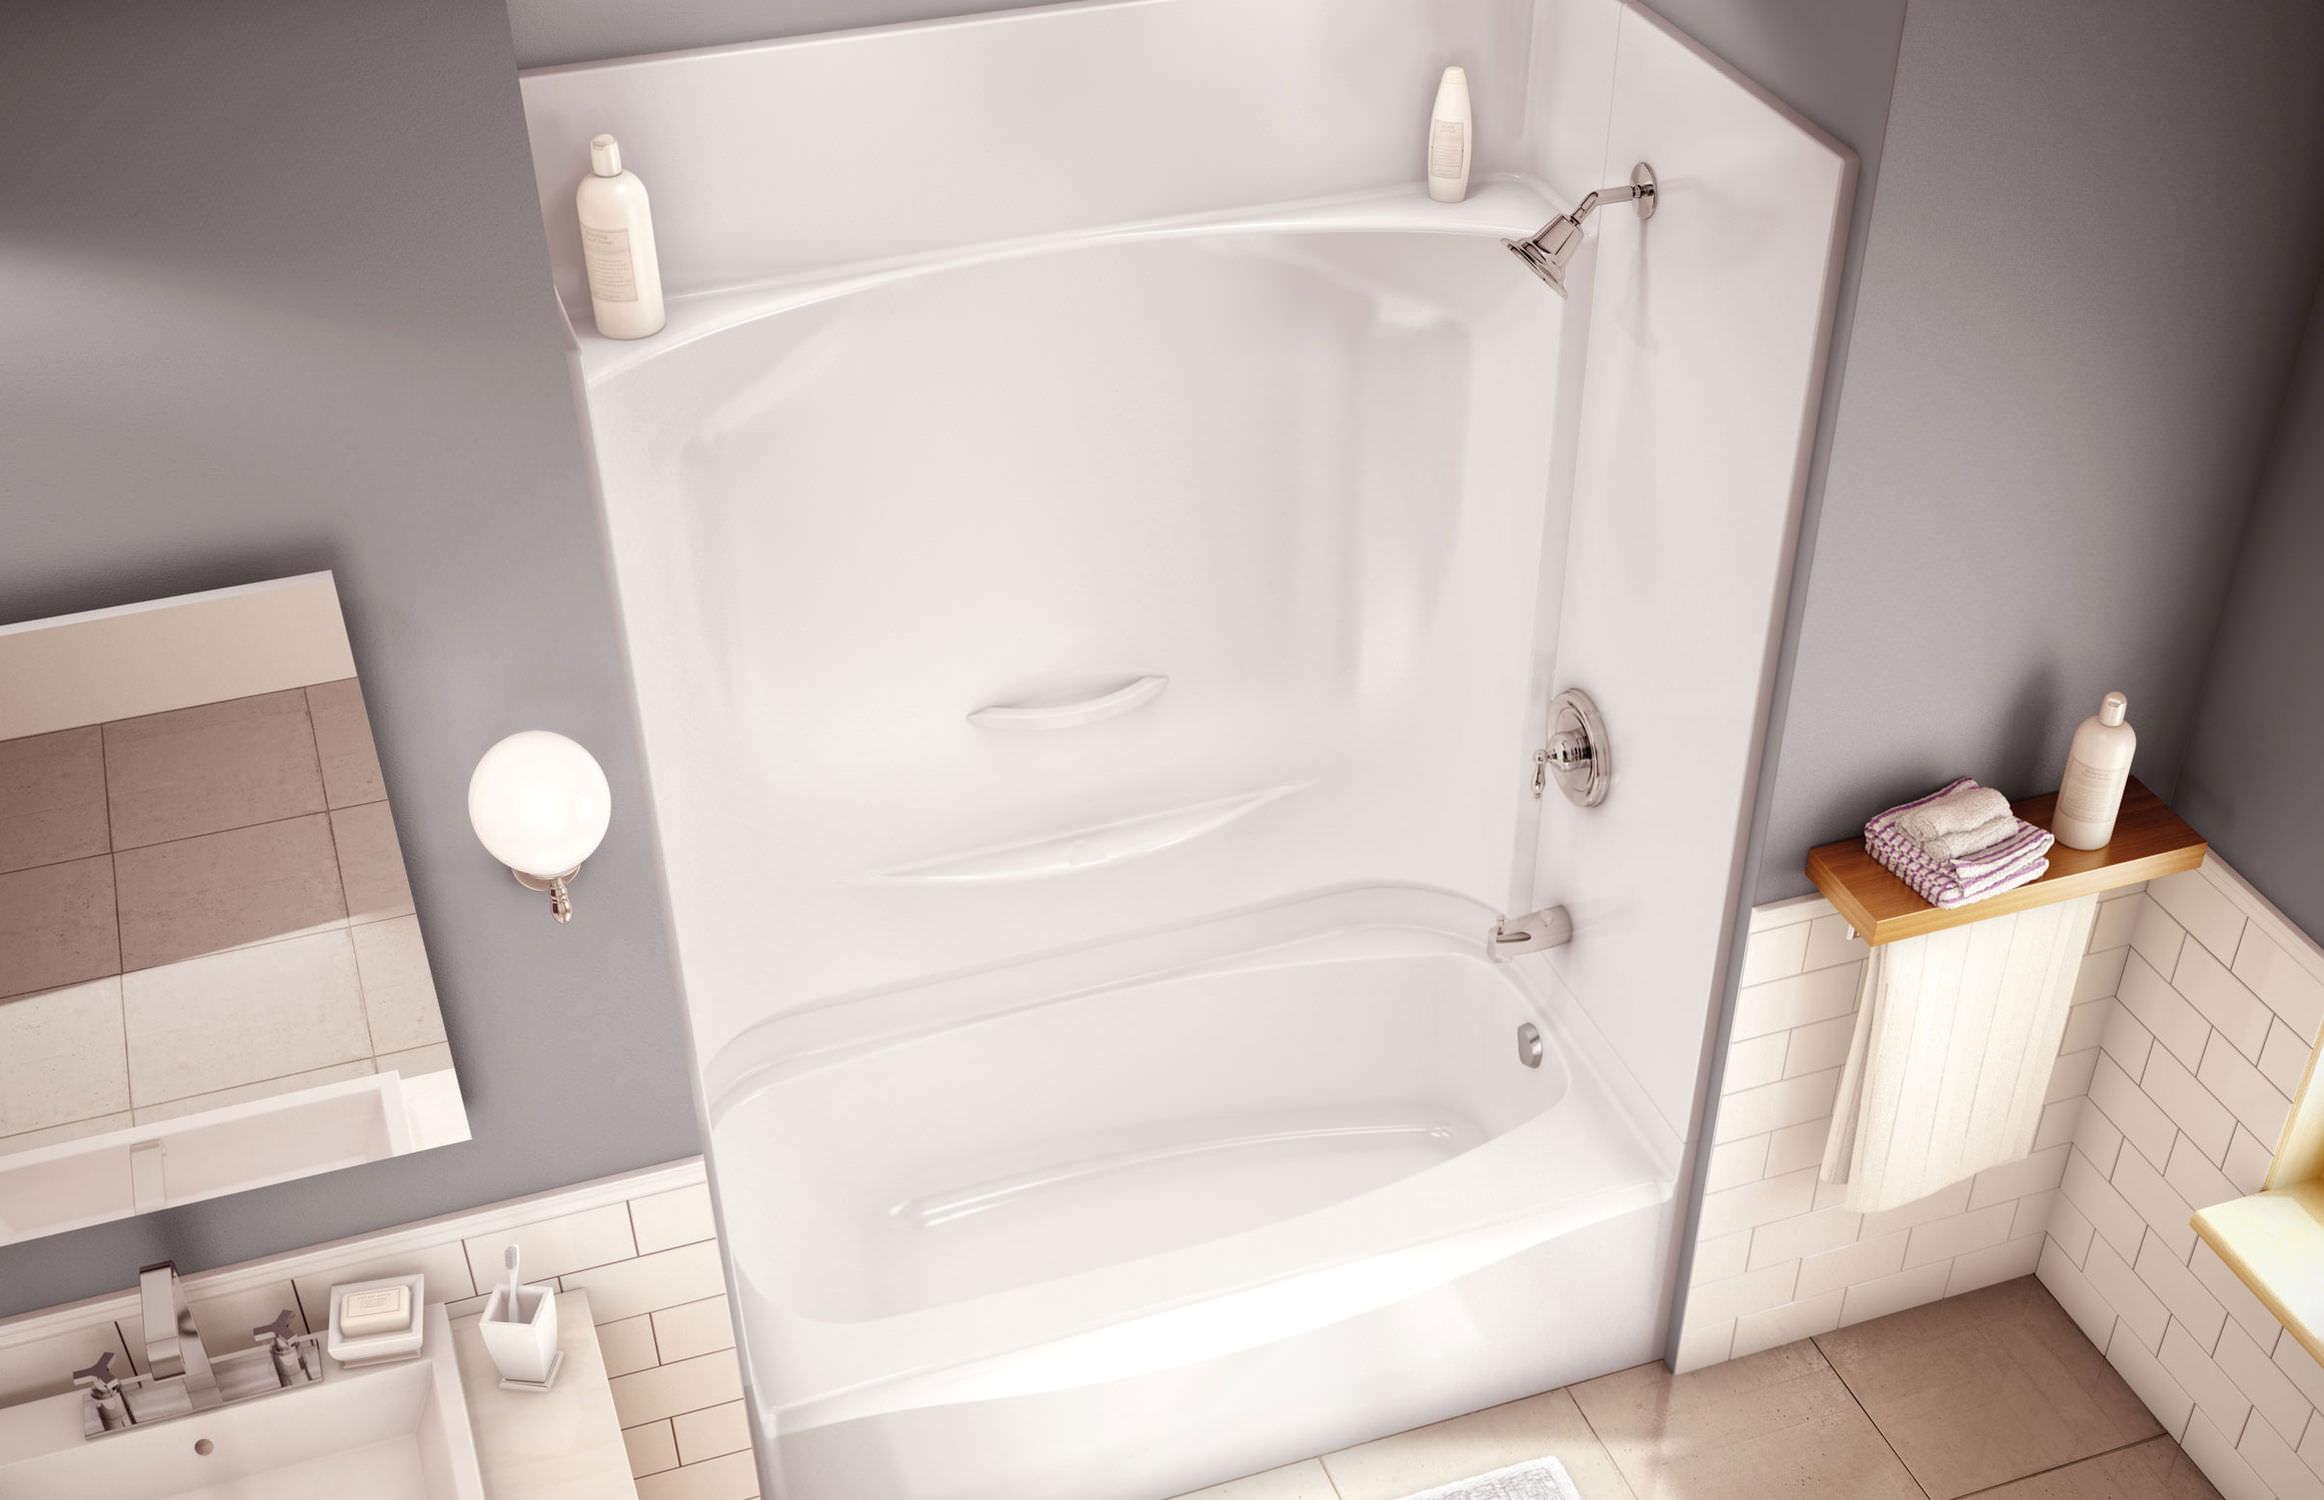 Vasca Da Bagno Rettangolare : Vasca da bagno rettangolare in corian da incasso corian delight